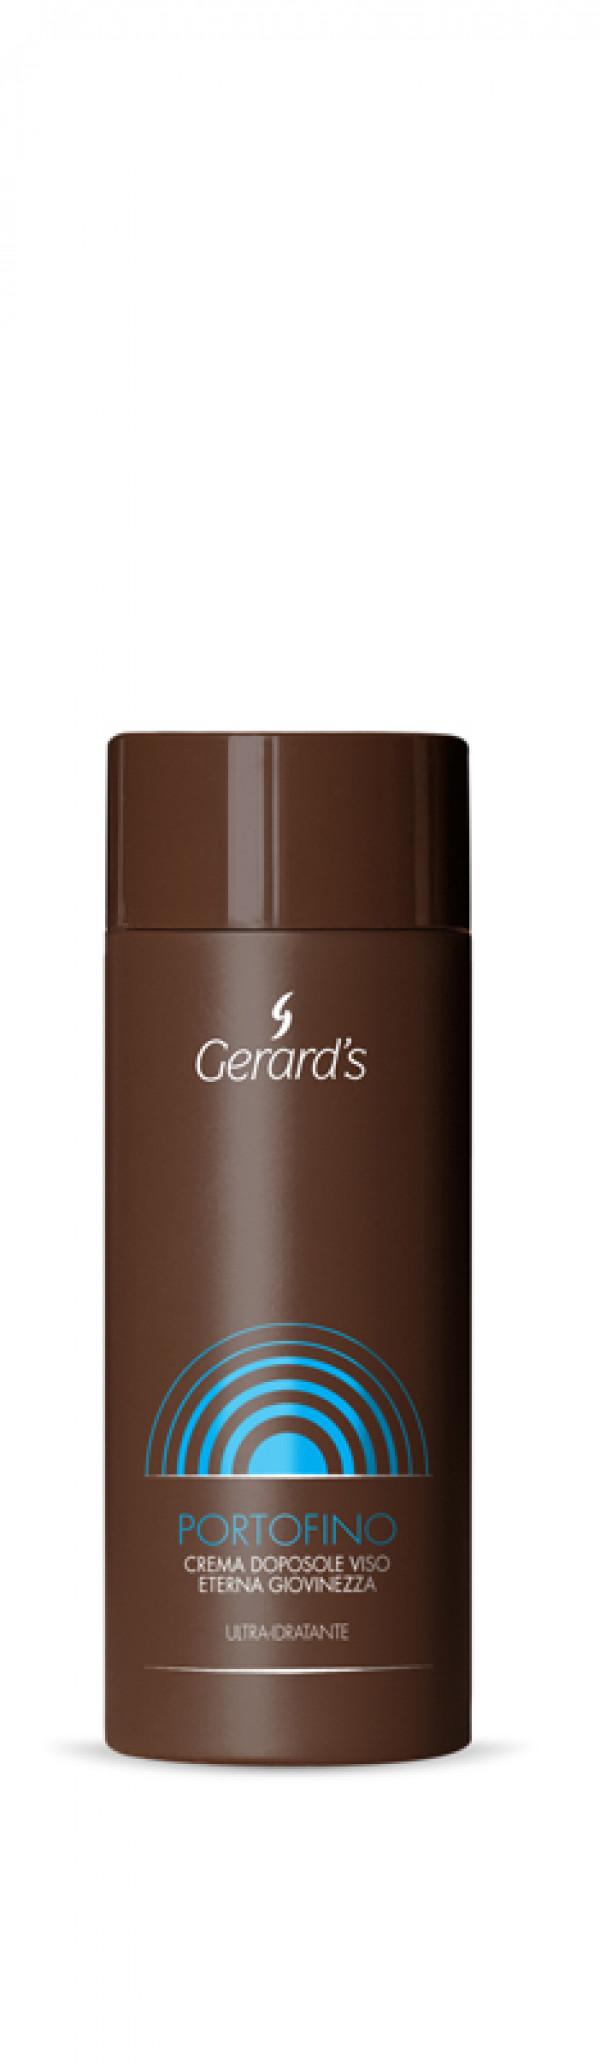 Gerard's, PORTOFINO, Aftersun, 125ml